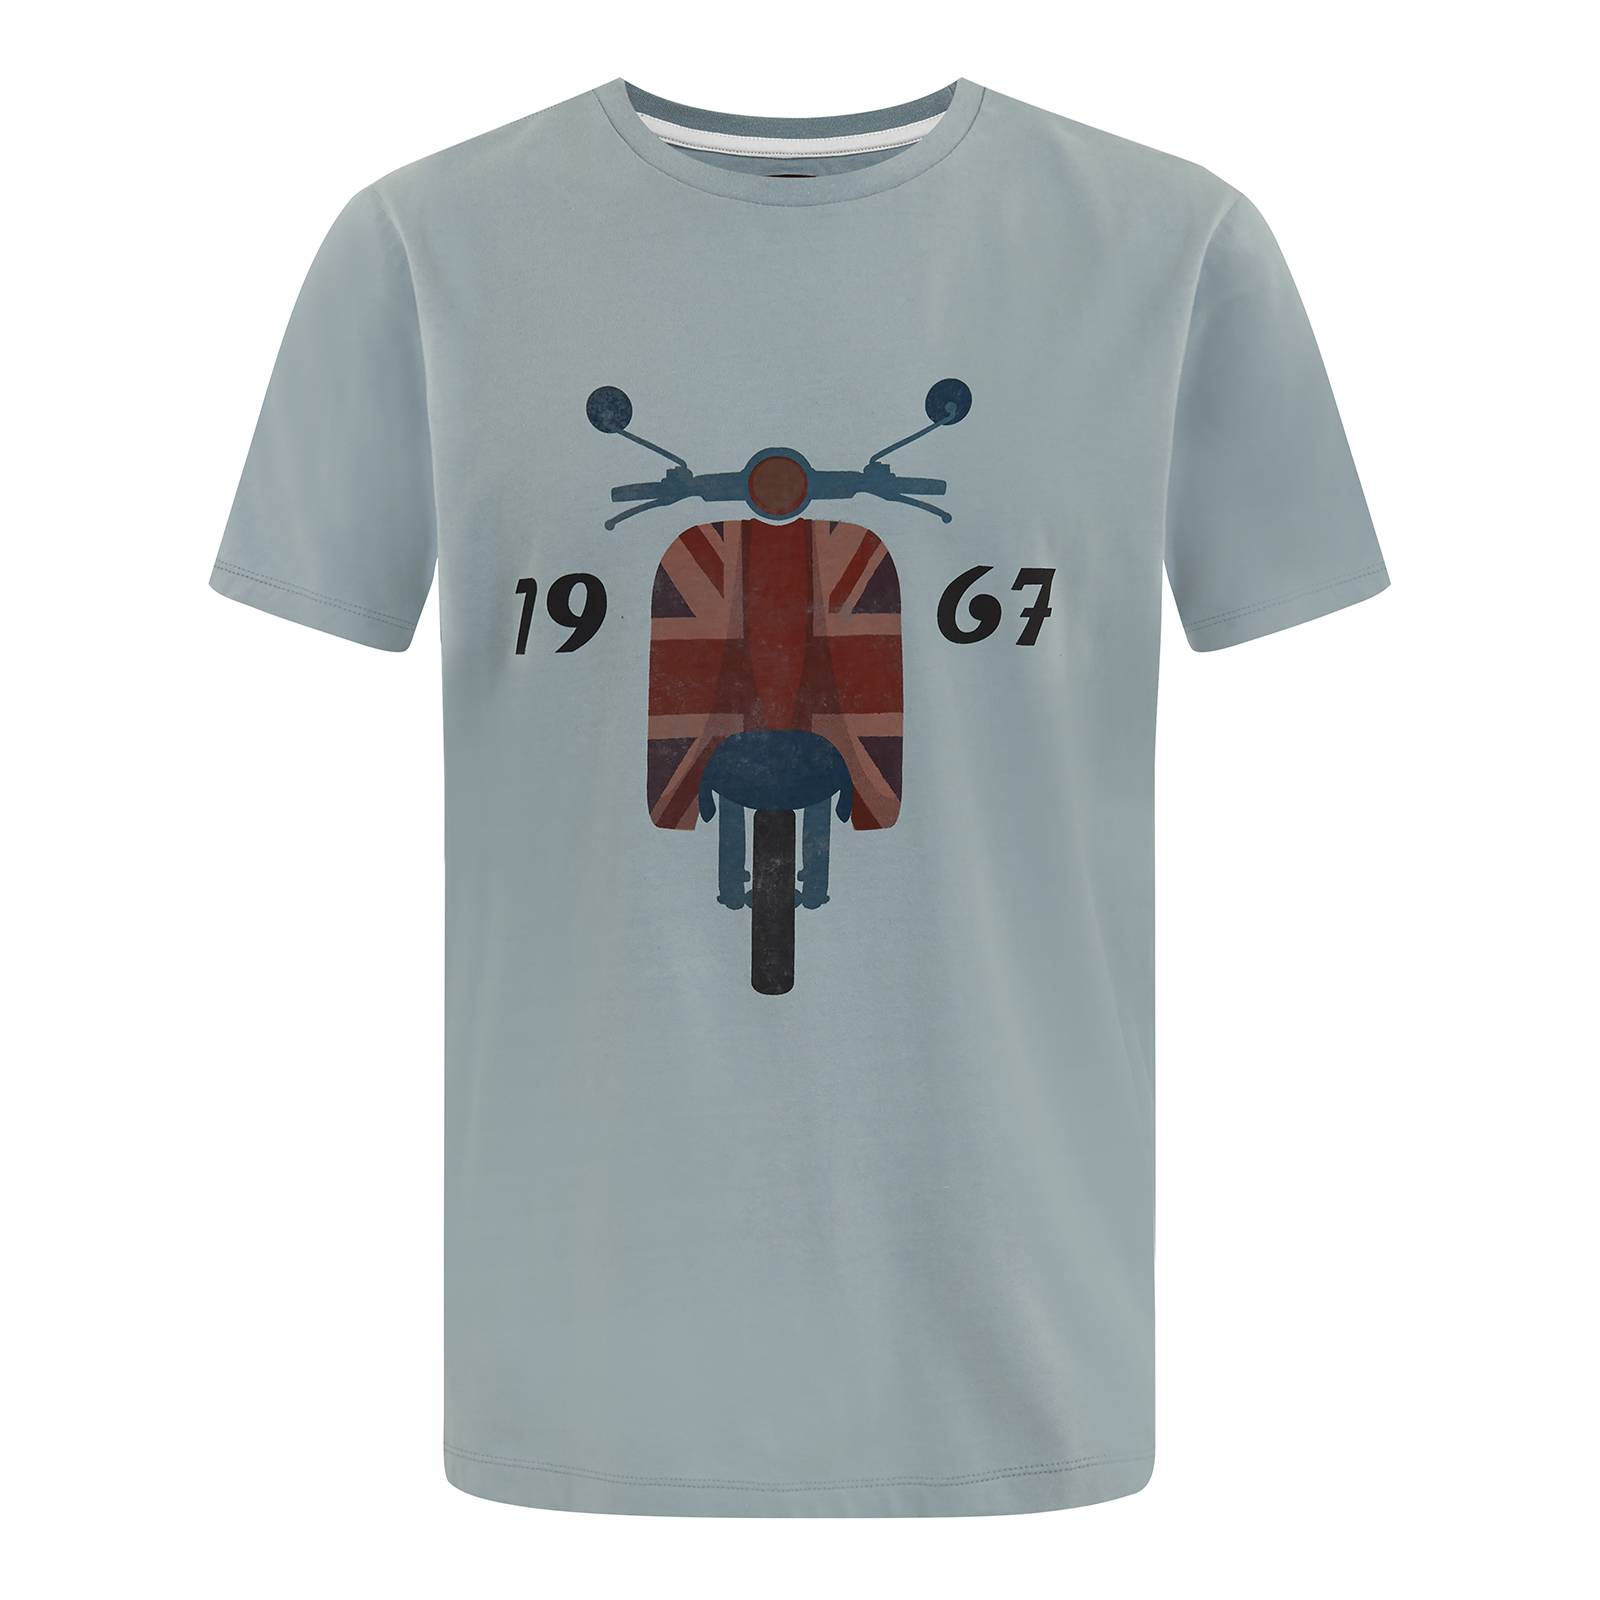 Футболка LoxleyФутболки<br>Хлопковая мужская футболка с принтом в традиционной mod scooter эстетике. Ретро мотороллер с винтажным Юнион Джеком на переднем обтекателе символизирует связь бренда со стиляжной британской субкультурой Модов, зародившейся в Британии первой половины 60-х. 1967 - год основания марки.<br><br>Артикул: 1715205<br>Материал: 100% хлопок<br>Цвет: бирюзово-синий<br>Пол: Мужской